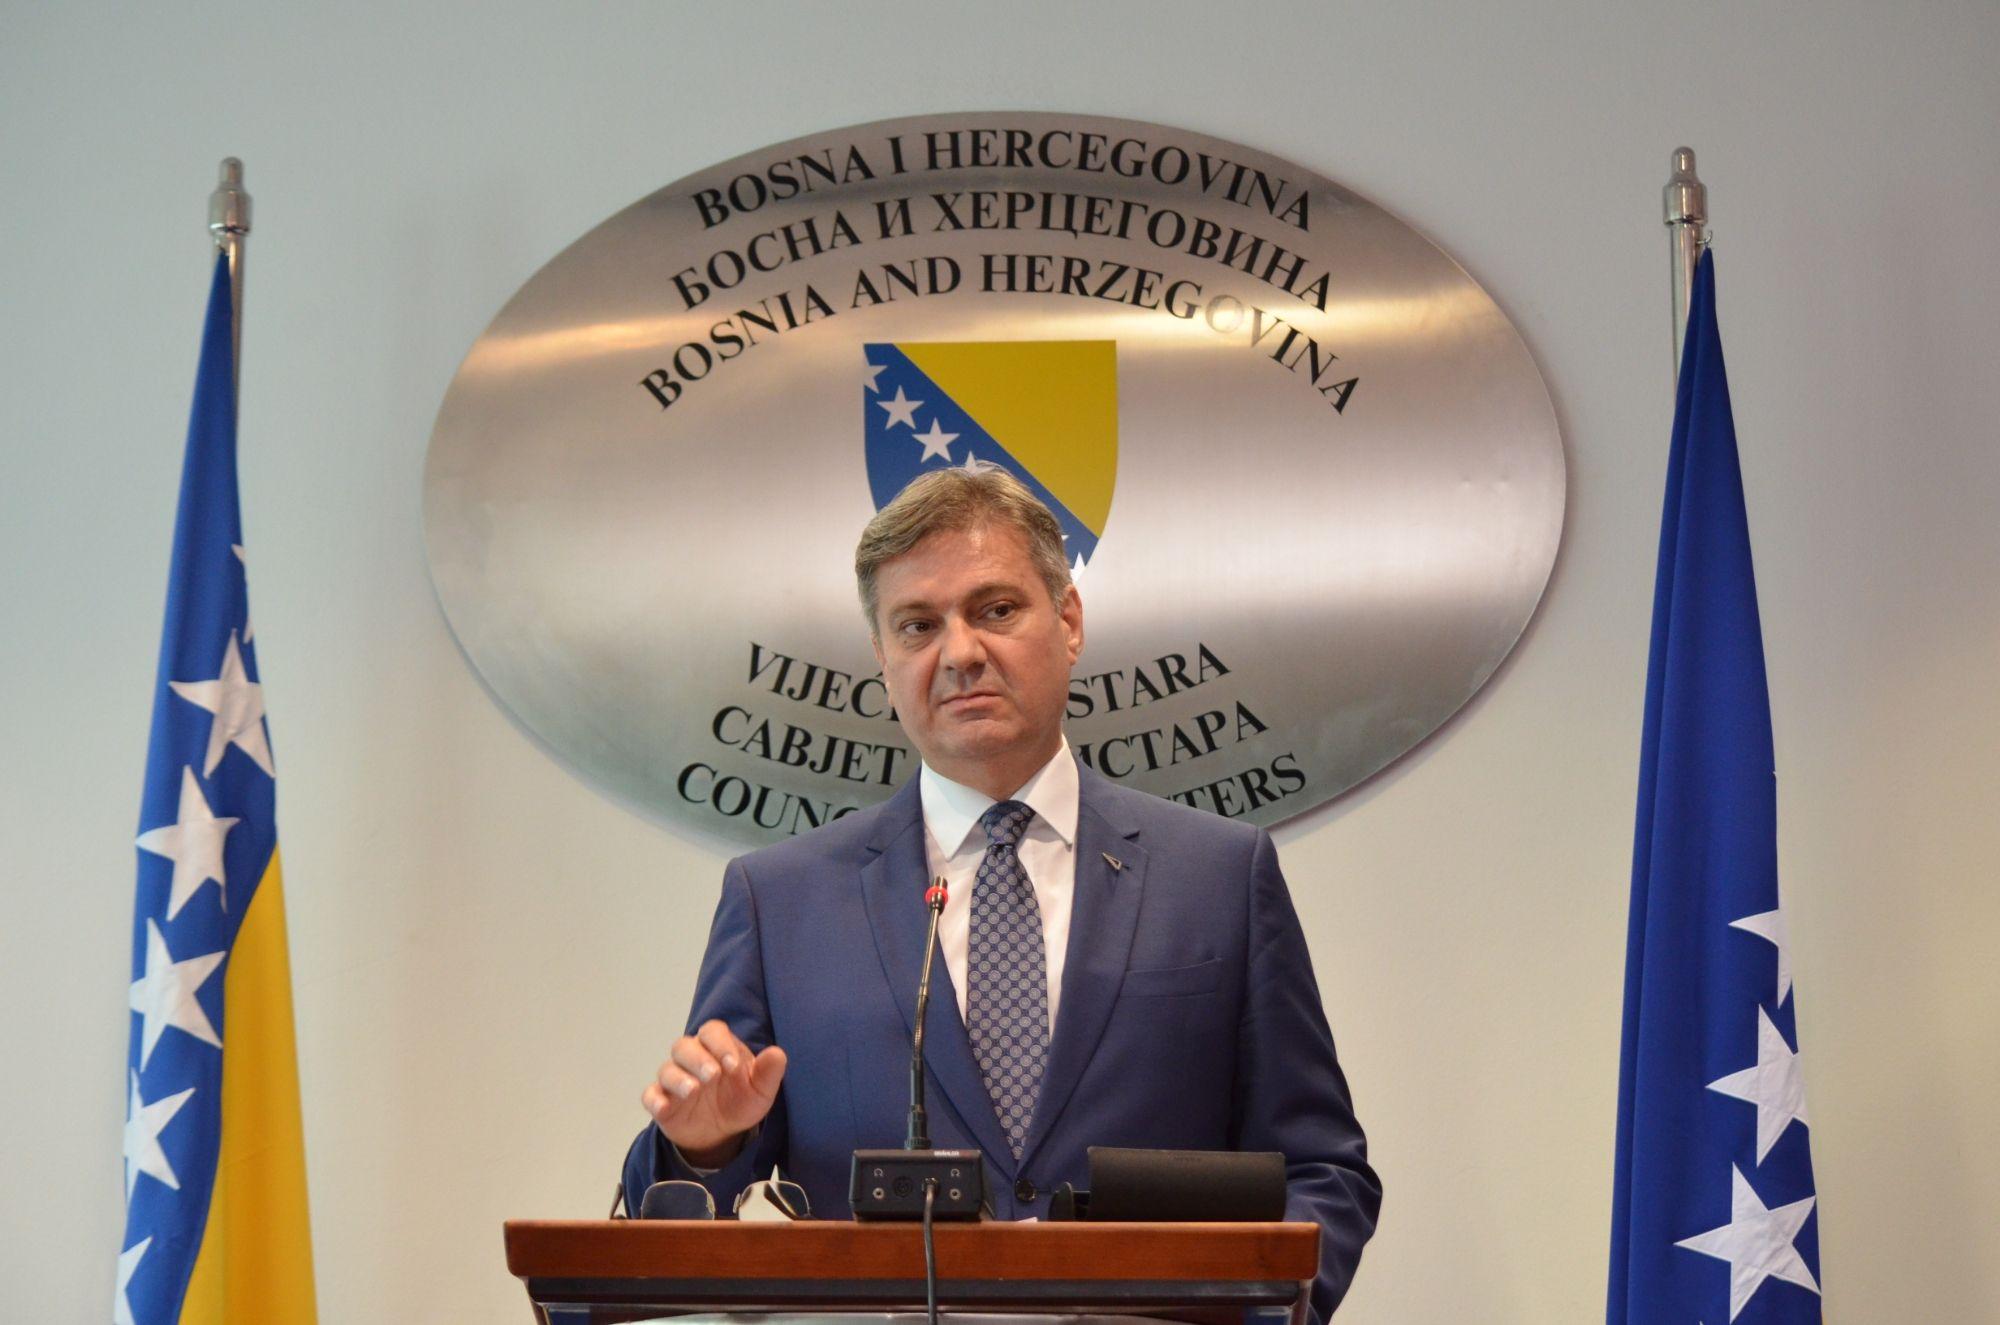 SARAJEVO, 21. juna (FENA) - Predsjedavajući Vijeća ministara Bosne i Hercegovine Denis Zvizdić kazao je danas da je za BiH došao prijelomni trenutak u pogledu njenog evropskog puta te da je prilagodba trgovinskog dijela Sporazuma o stabilizaciji i pridruživanju (SSP) prioritetno pitanje koje mora biti riješeno do 25. juna. Foto FENA /Almir Razic